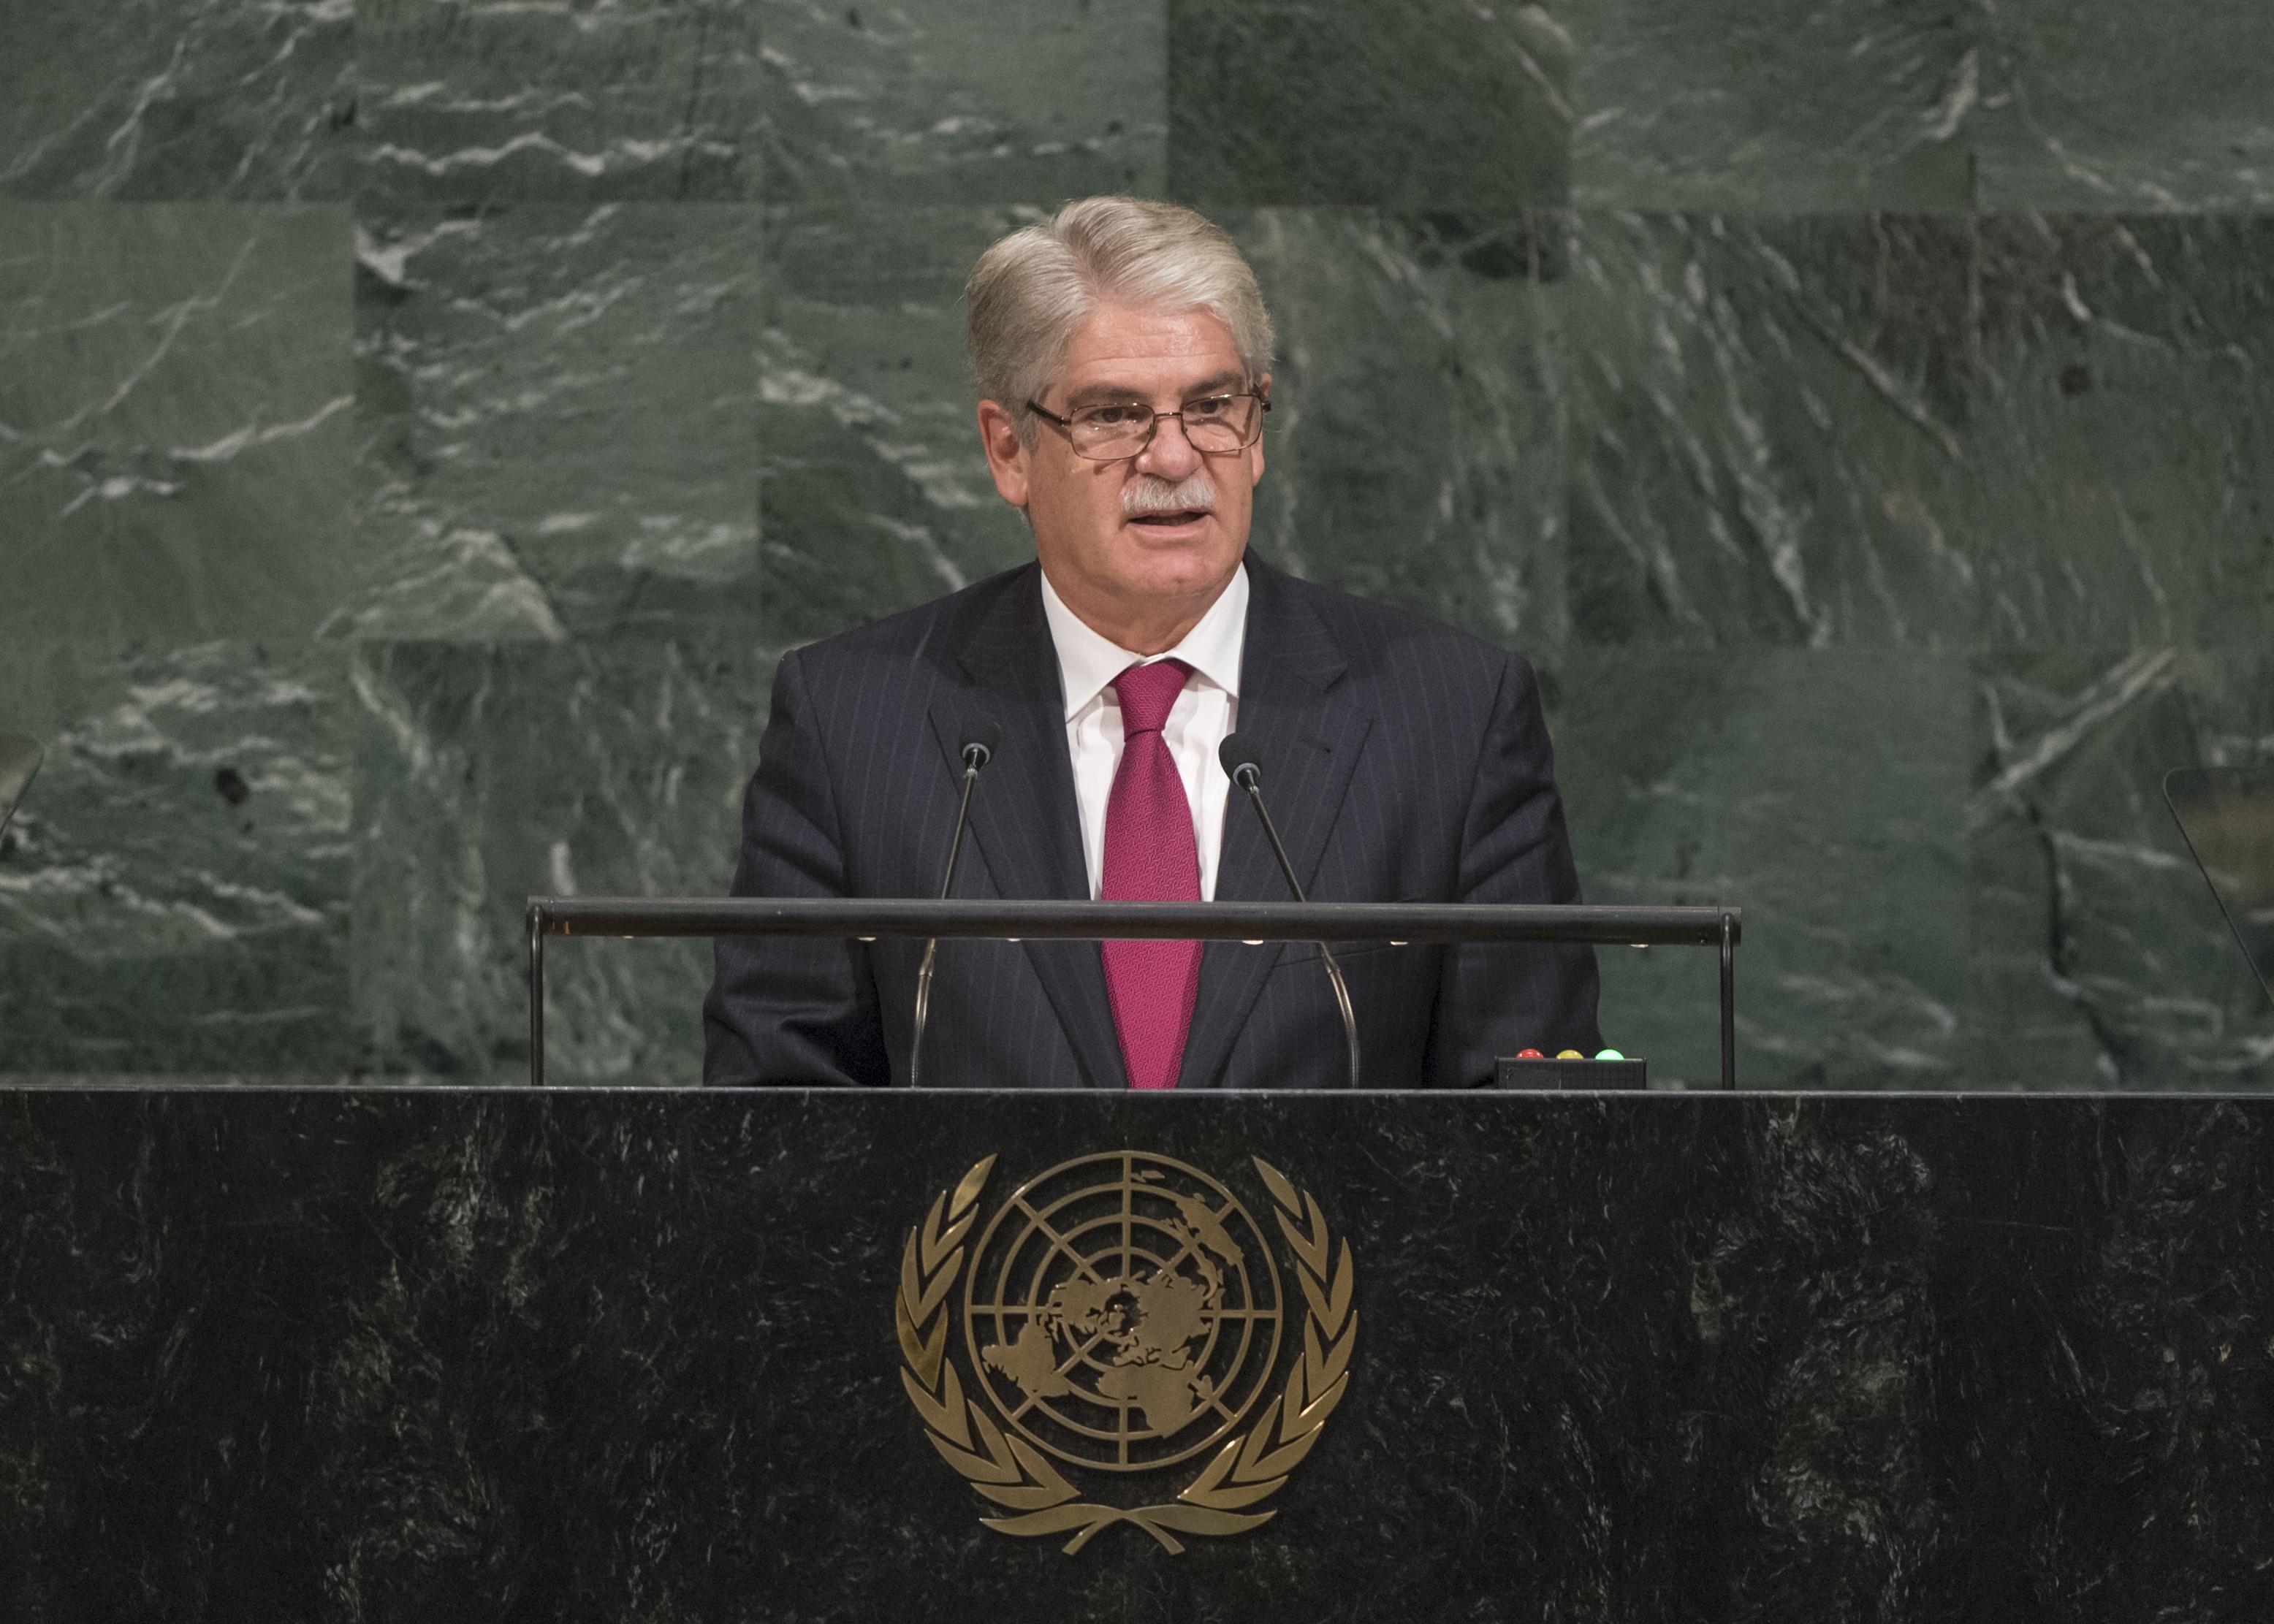 Alfonso Dastis interviene en el plenario de la Asamblea General de Naciones Unidas.